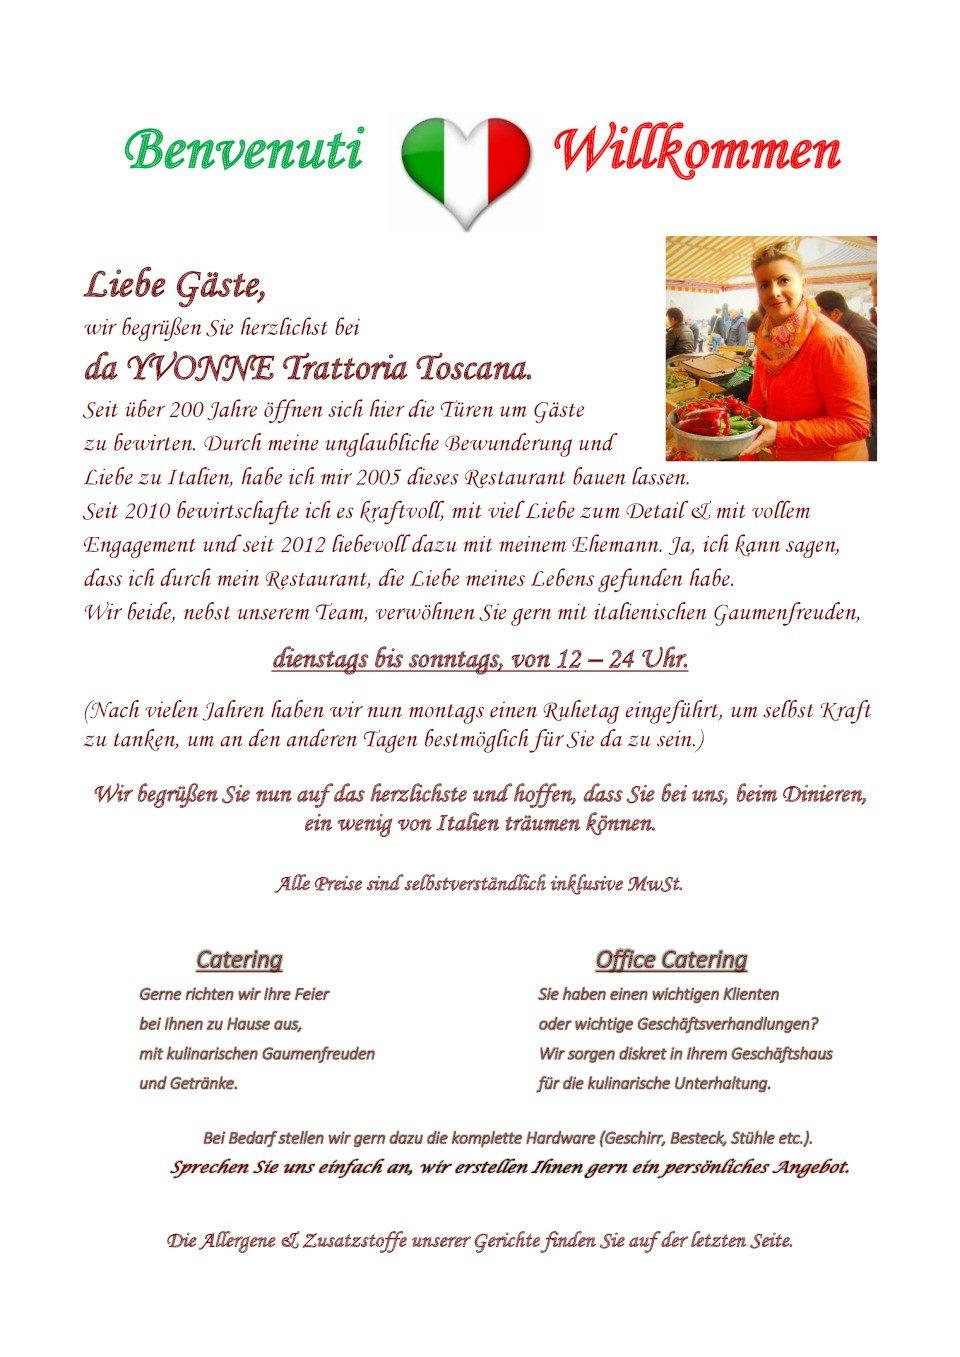 Trattoria Toscana - Italienisches Restaurant in Berlin Grunewald